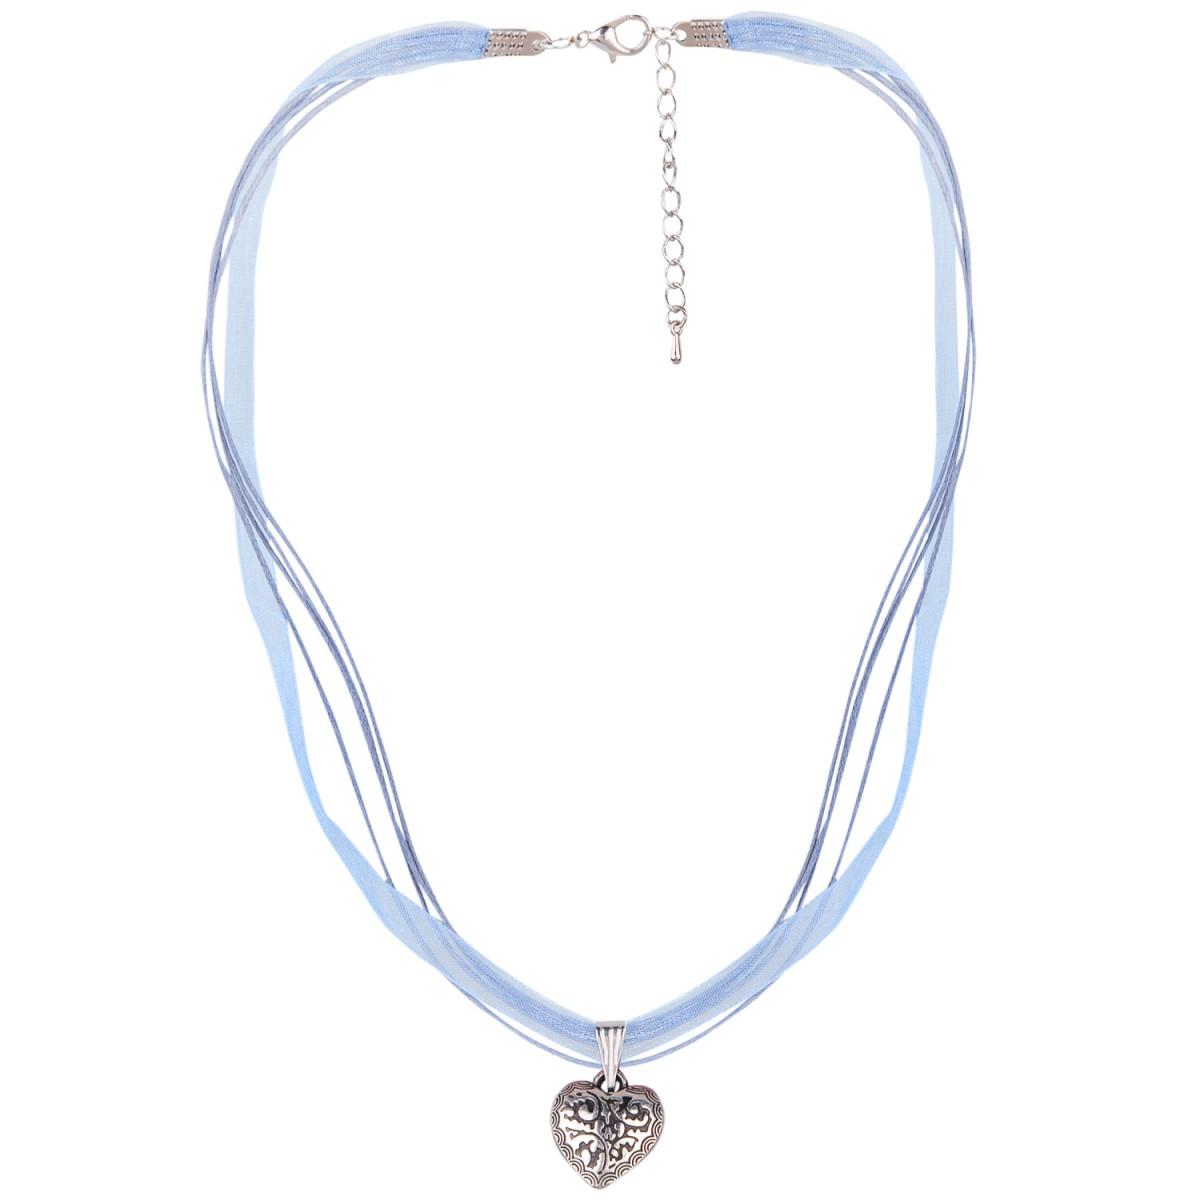 Halskette mit 4 Bändern und Herzanhänger in Hellblau von Schlick Accessoires günstig online kaufen